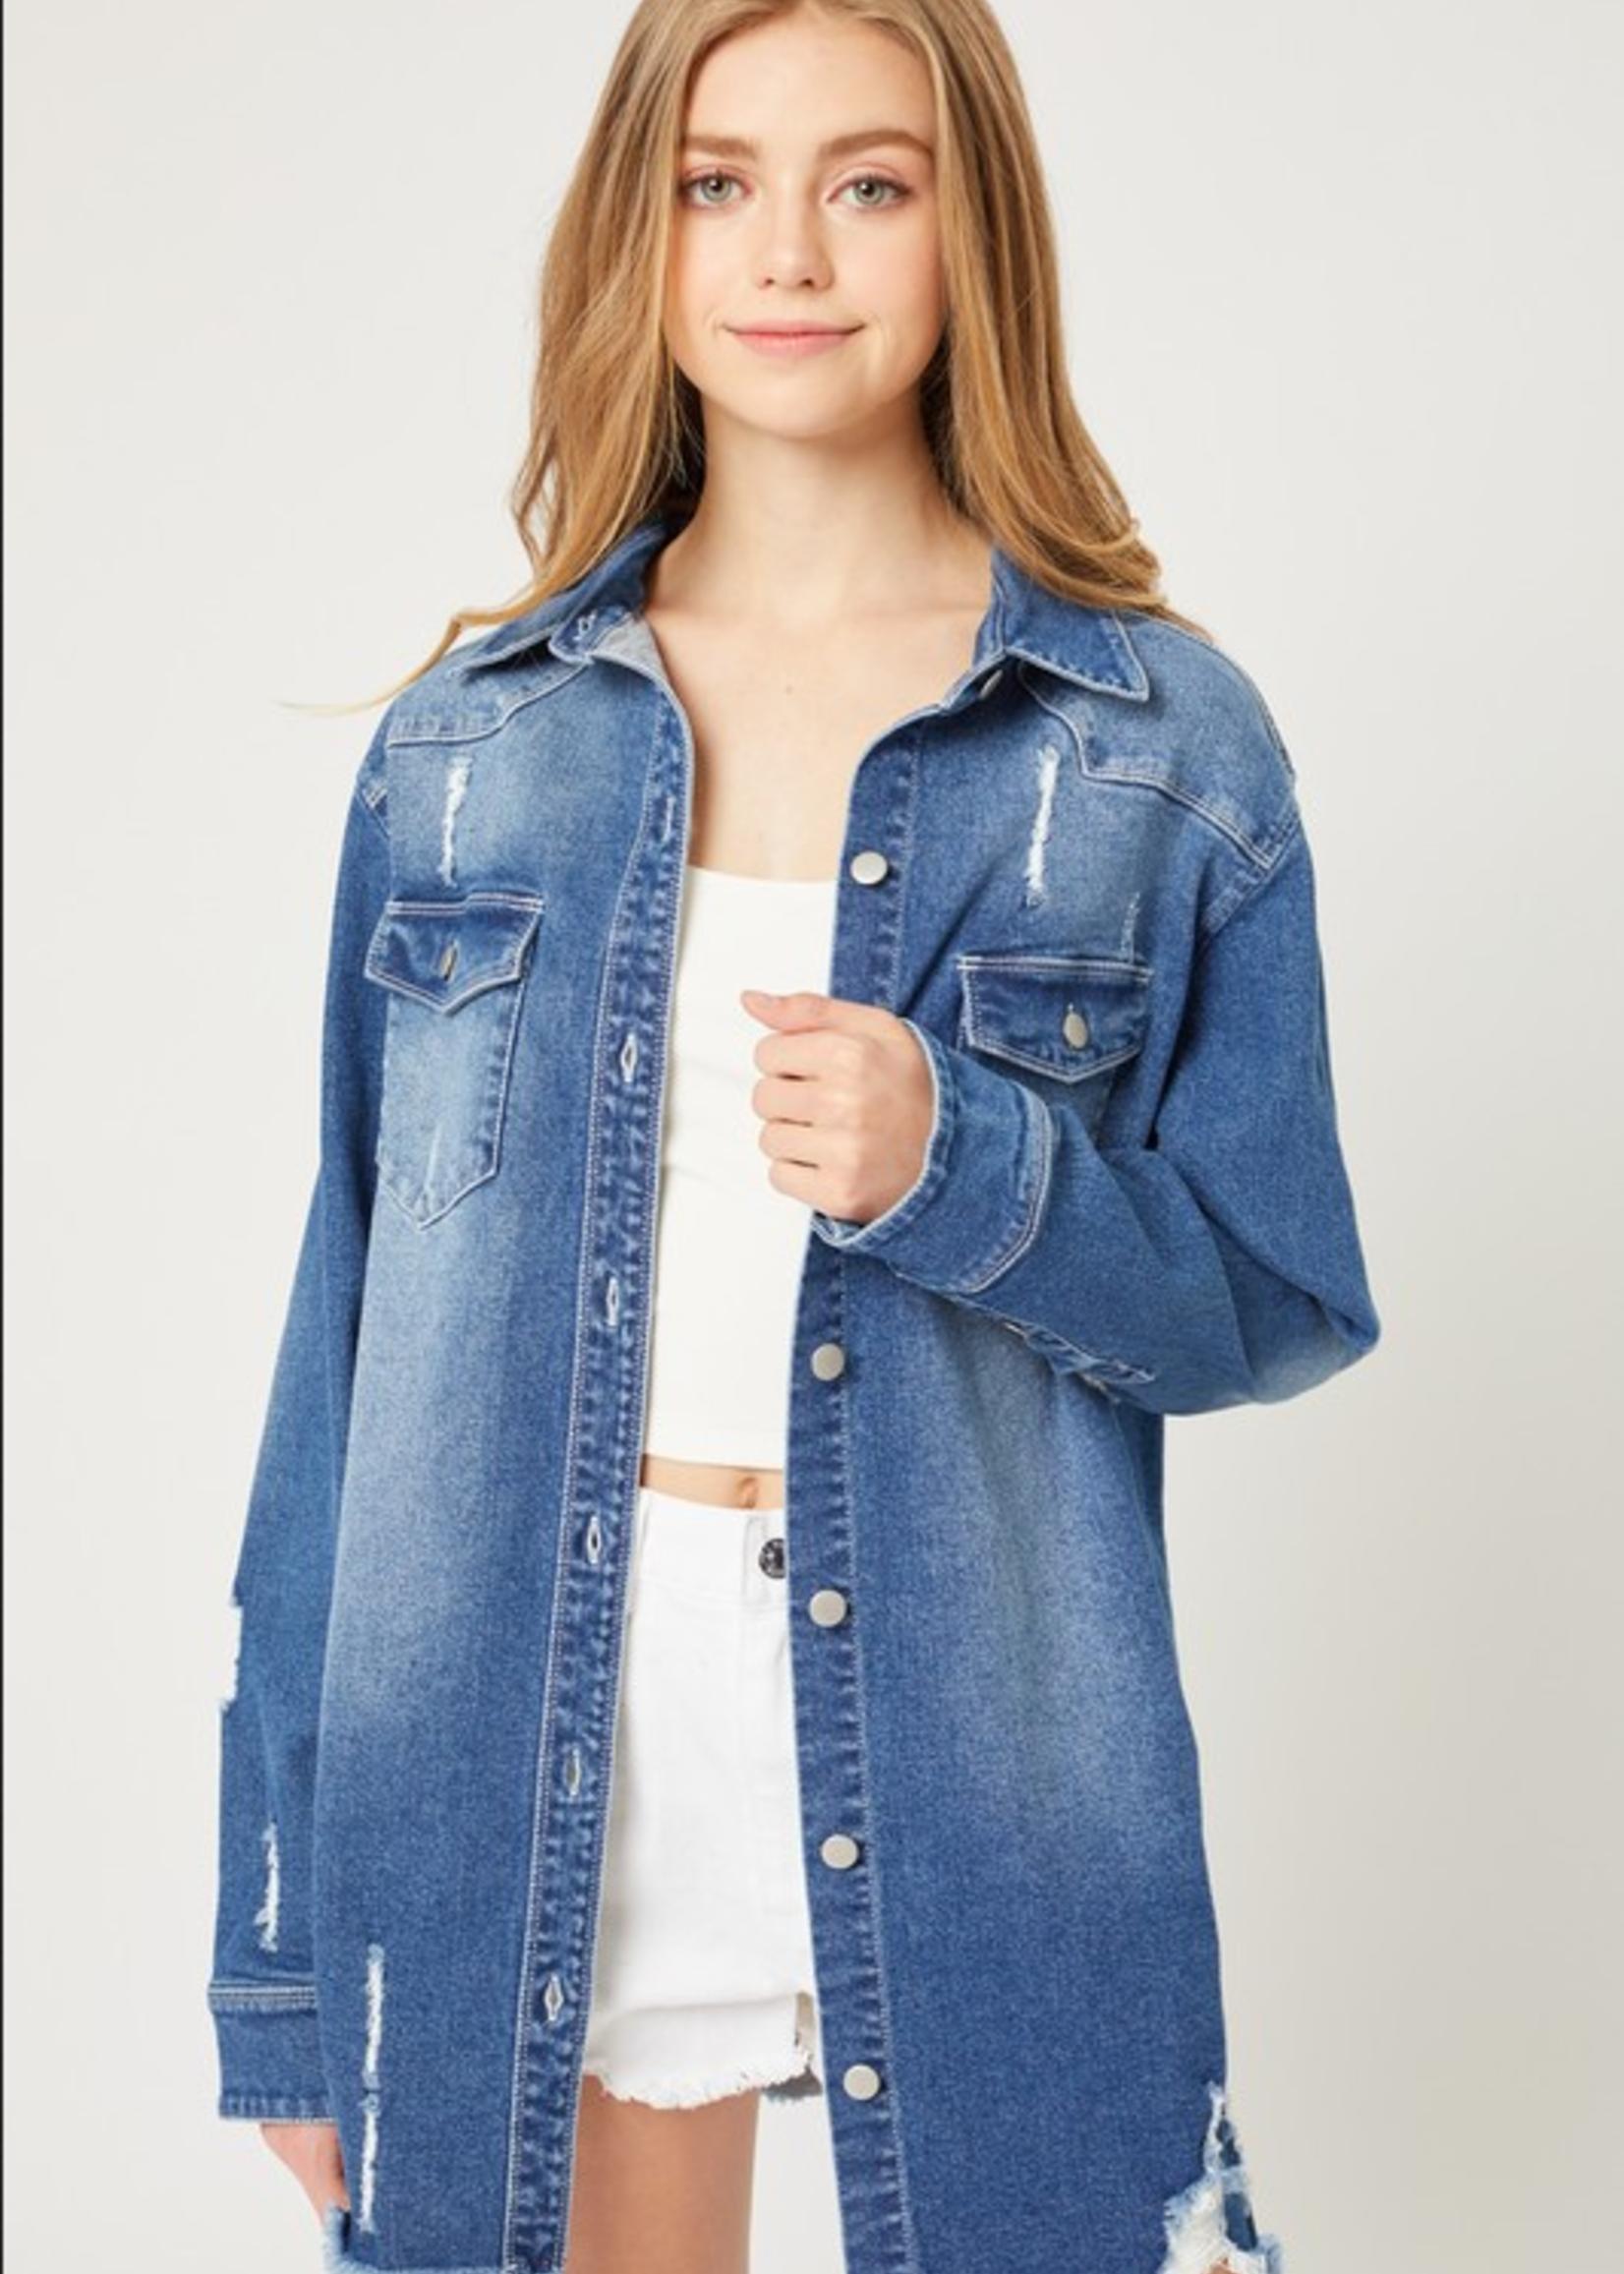 Button Up Shirt Jacket - Medium Blue